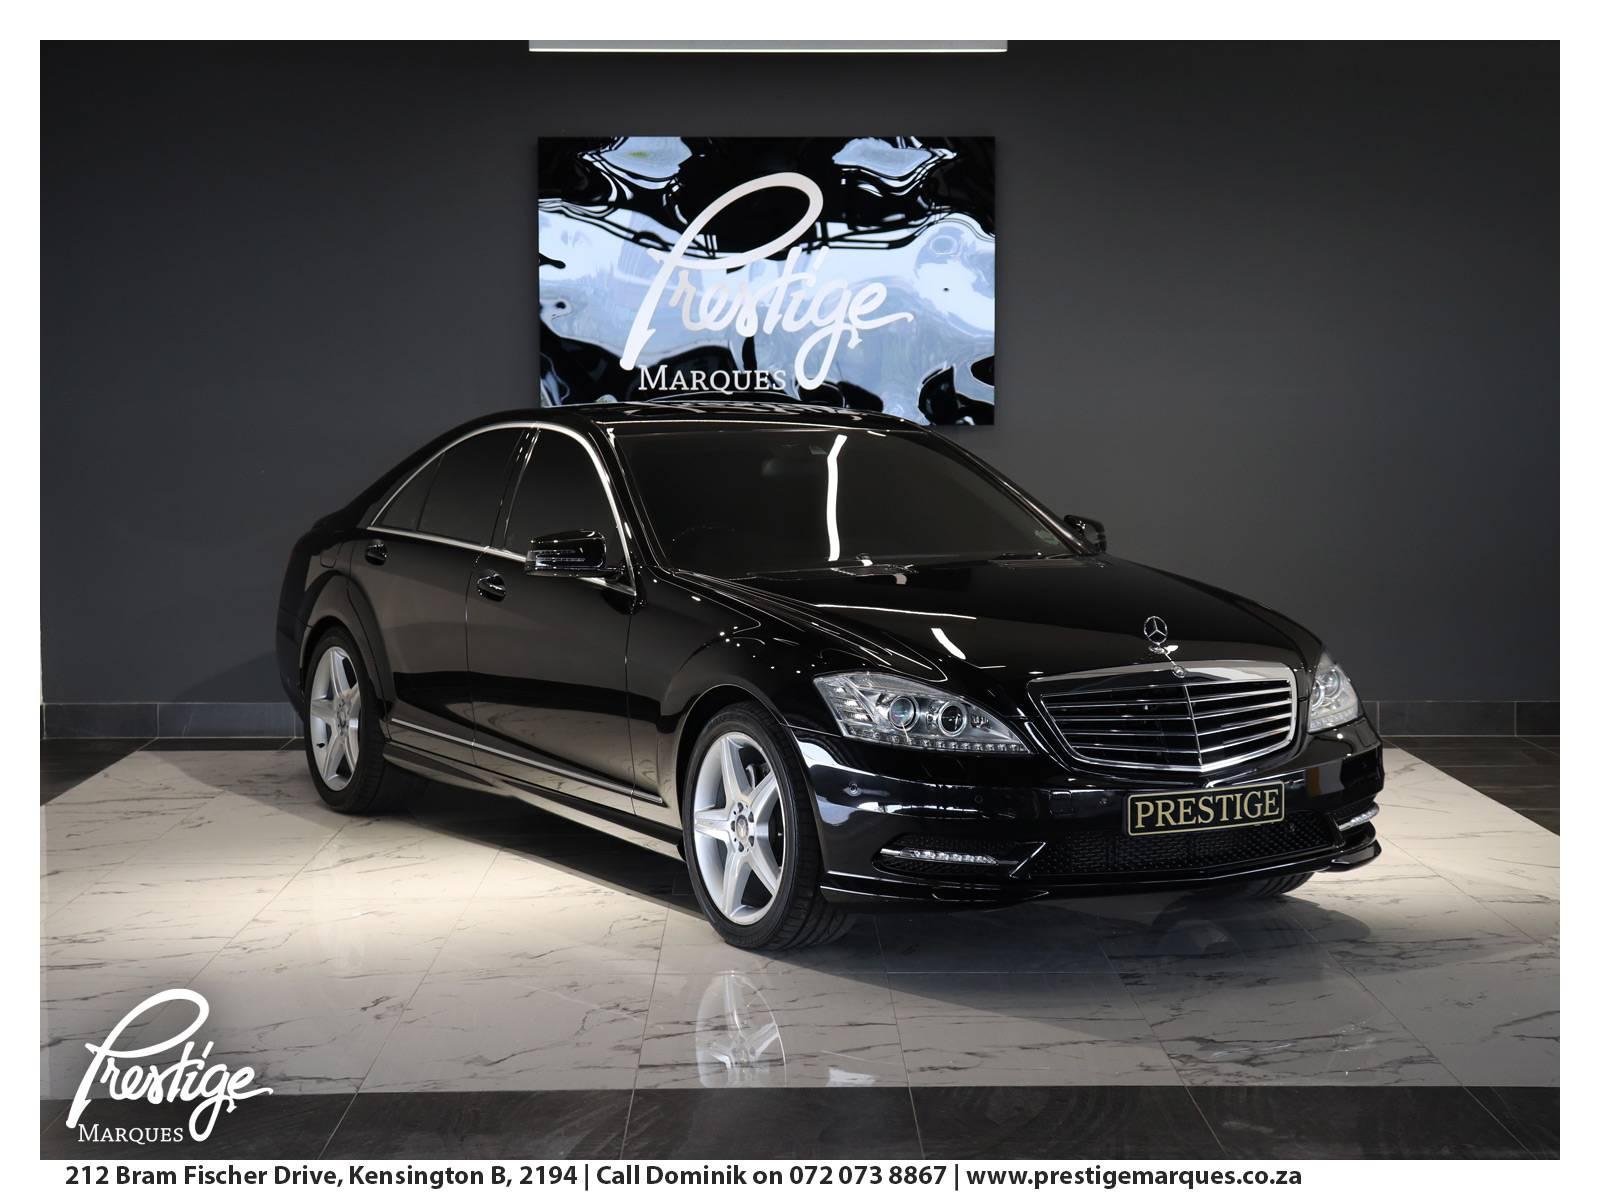 2011-Mercedes-Benz-S350-Prestige-Marques-Randburg-Sandton-1